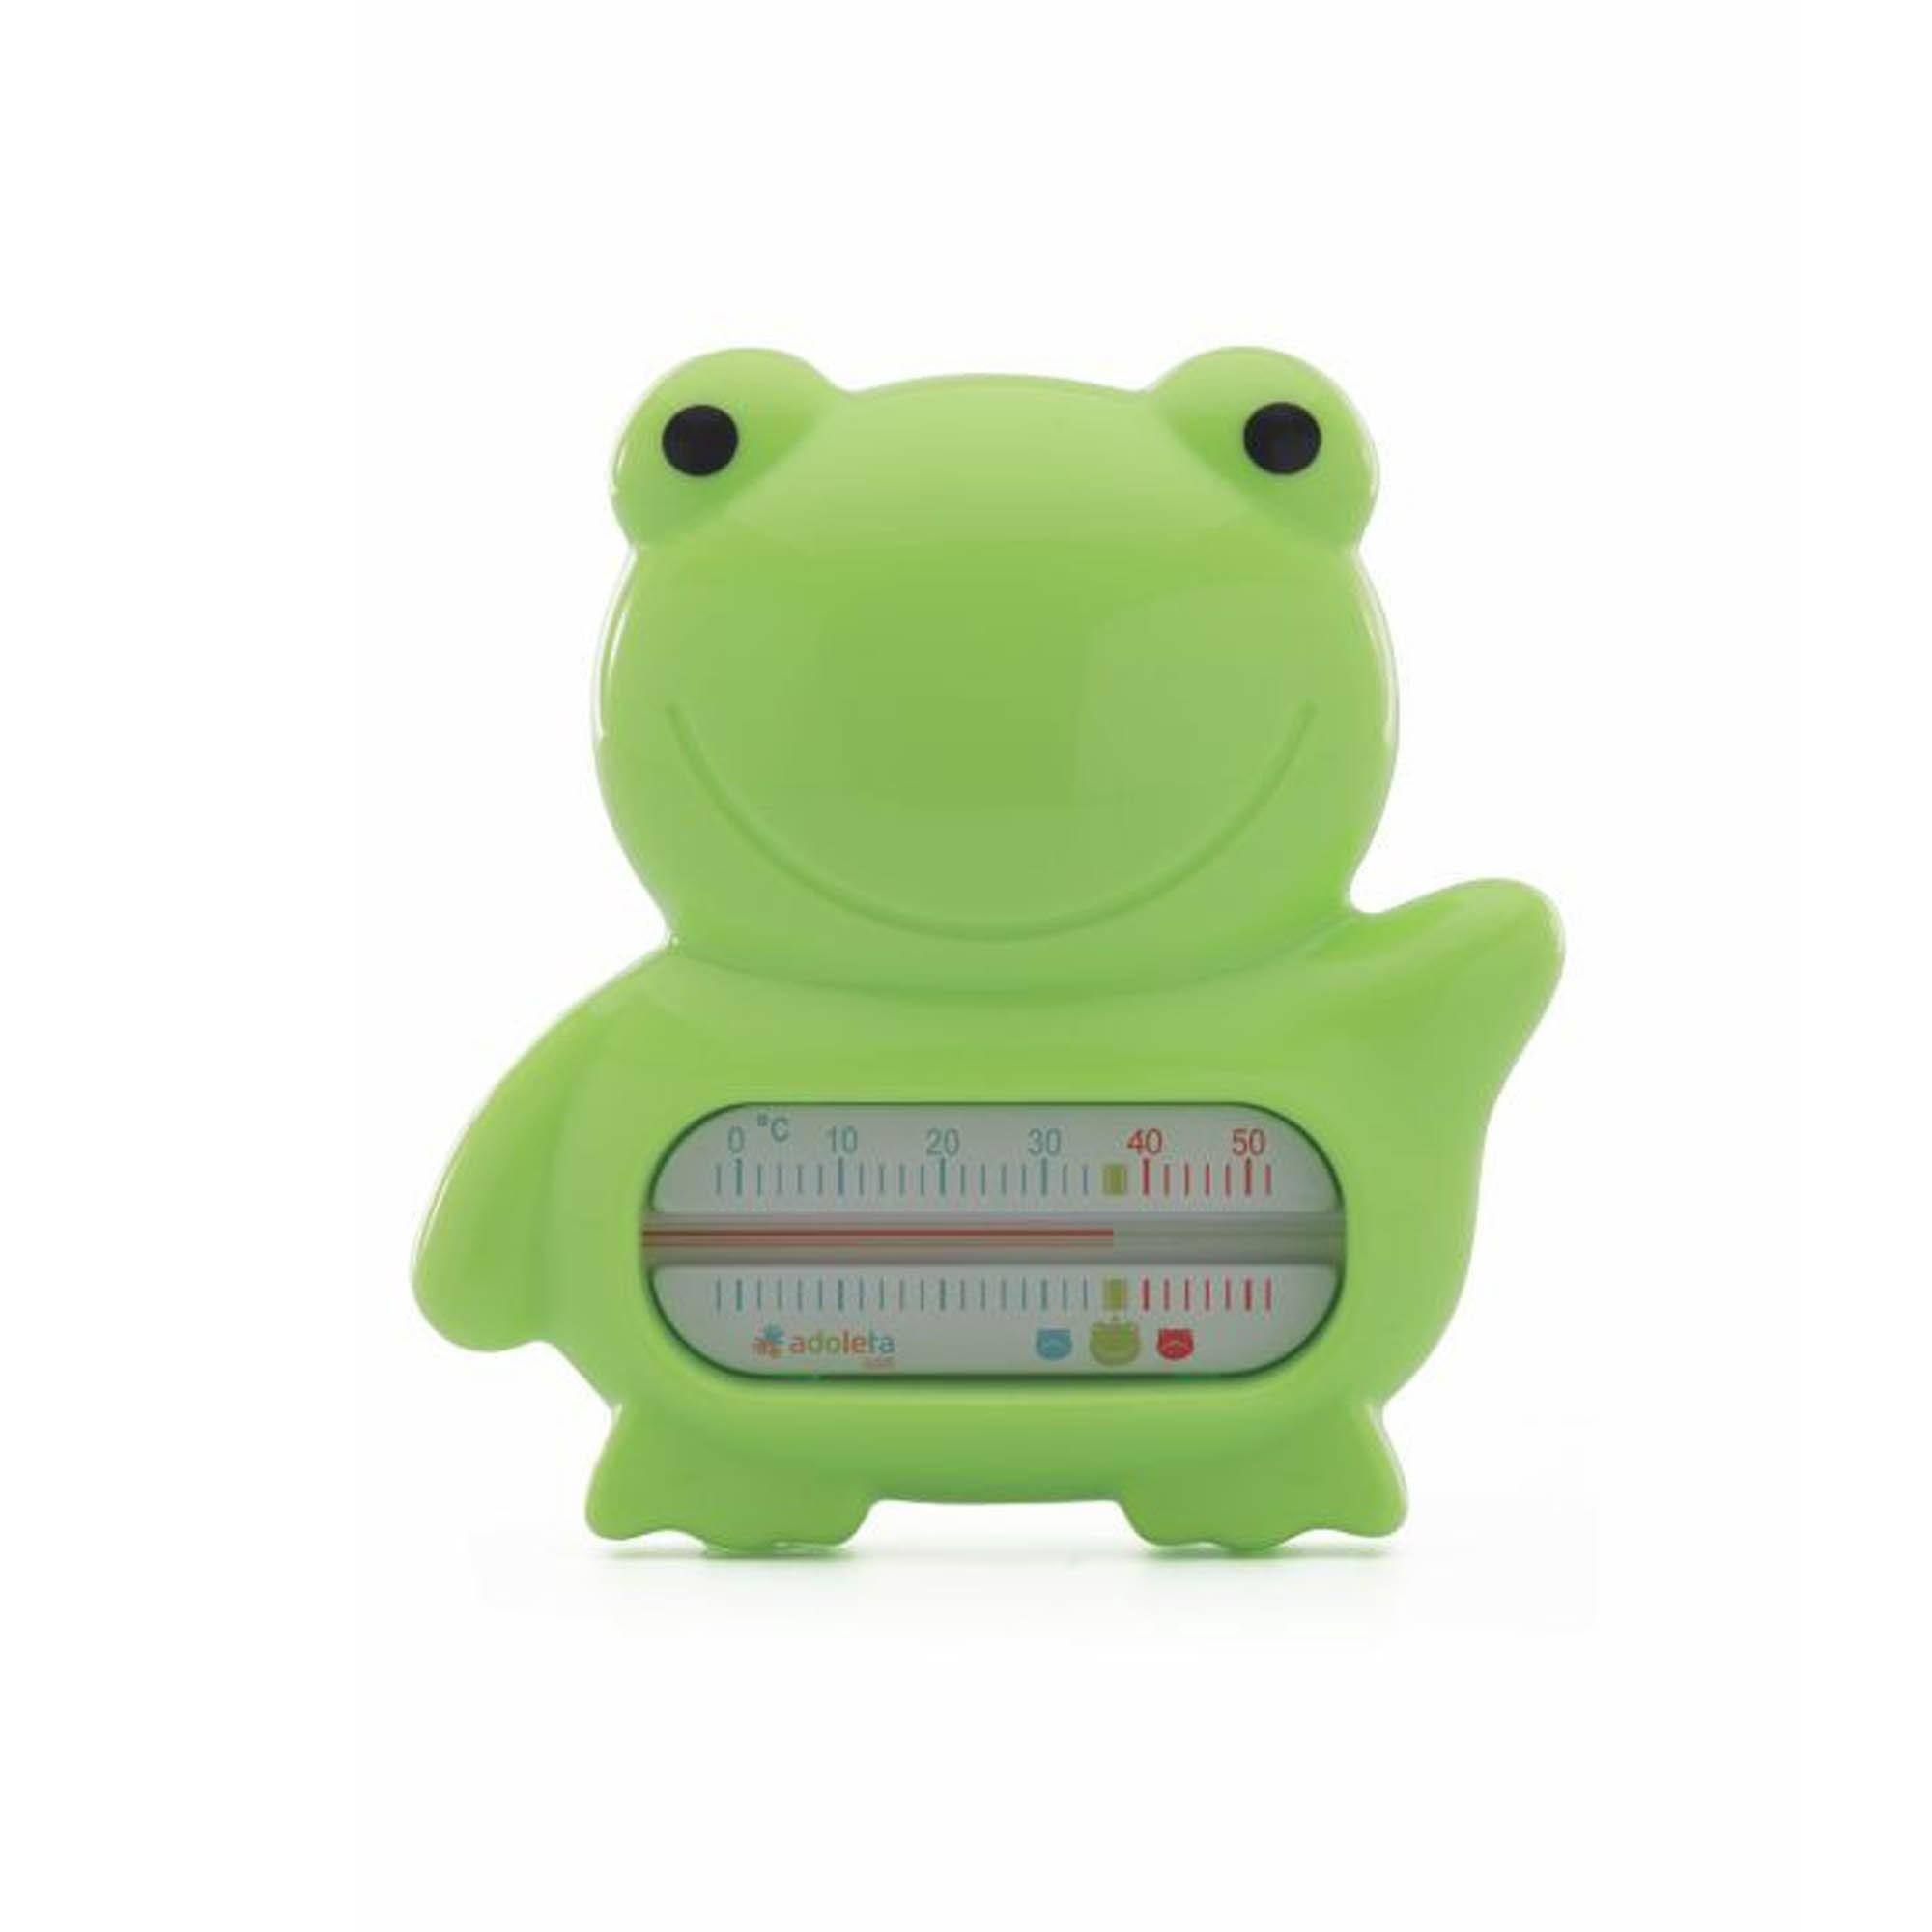 Termômetro para Banheira Cajovil Adoleta - Sapinho - Verde Claro